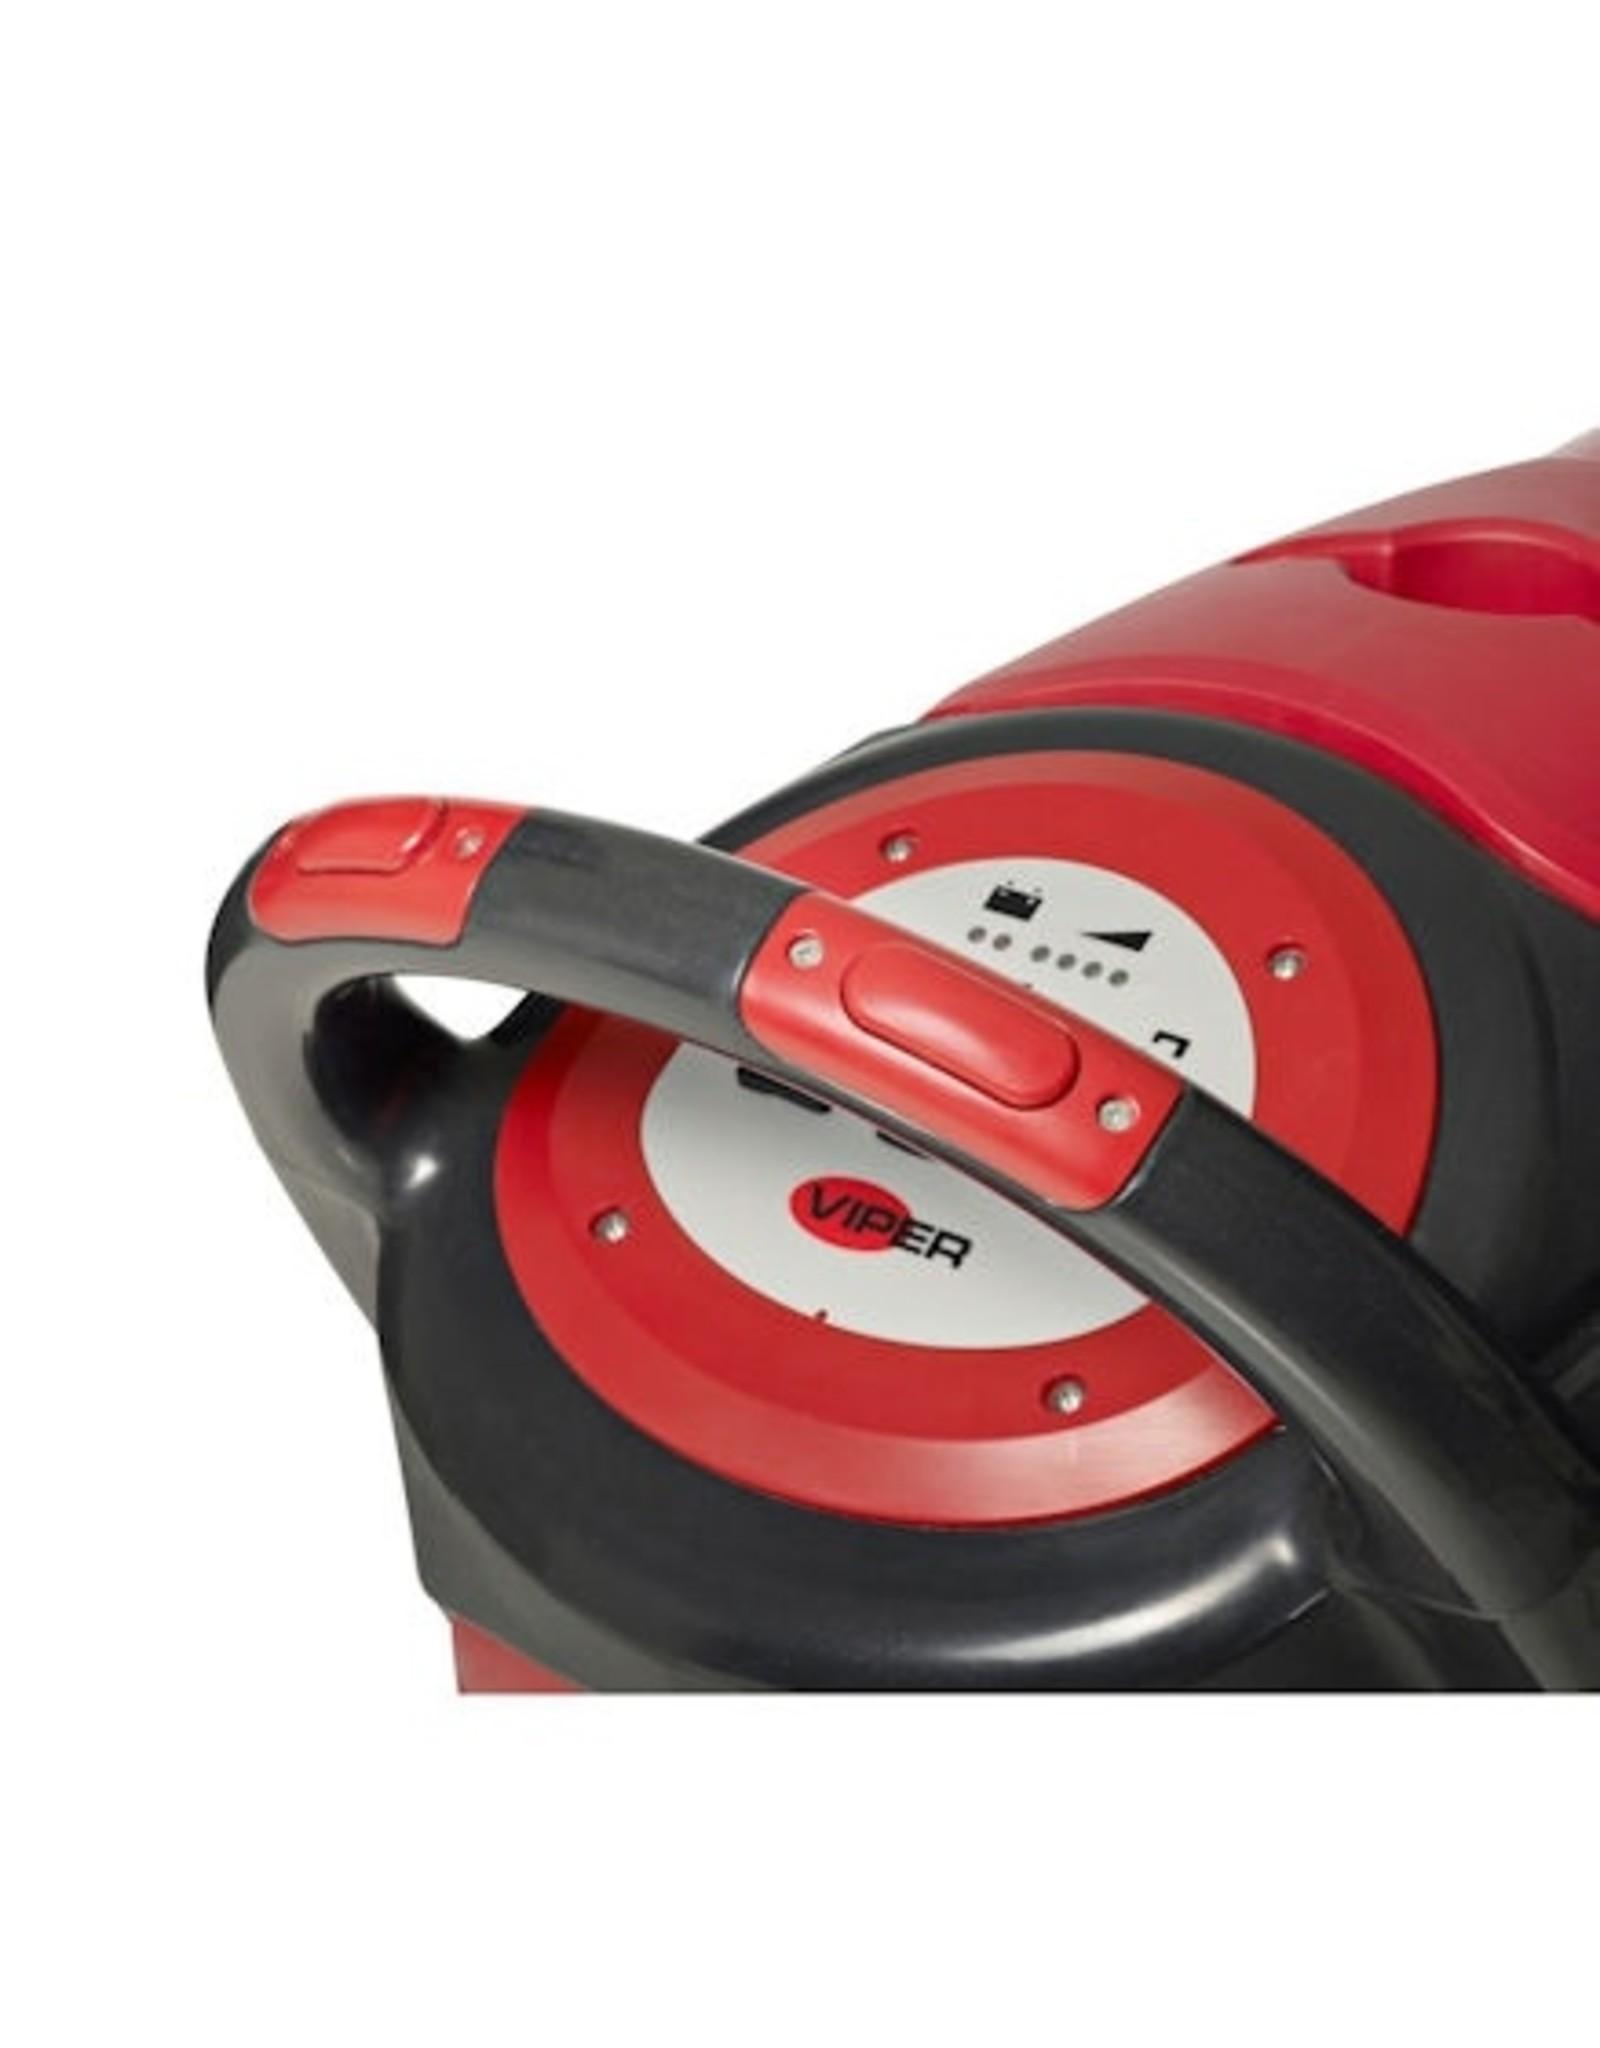 Viper Viper AS430Cable Schrobzuigmachine 17 inch/43 cm.